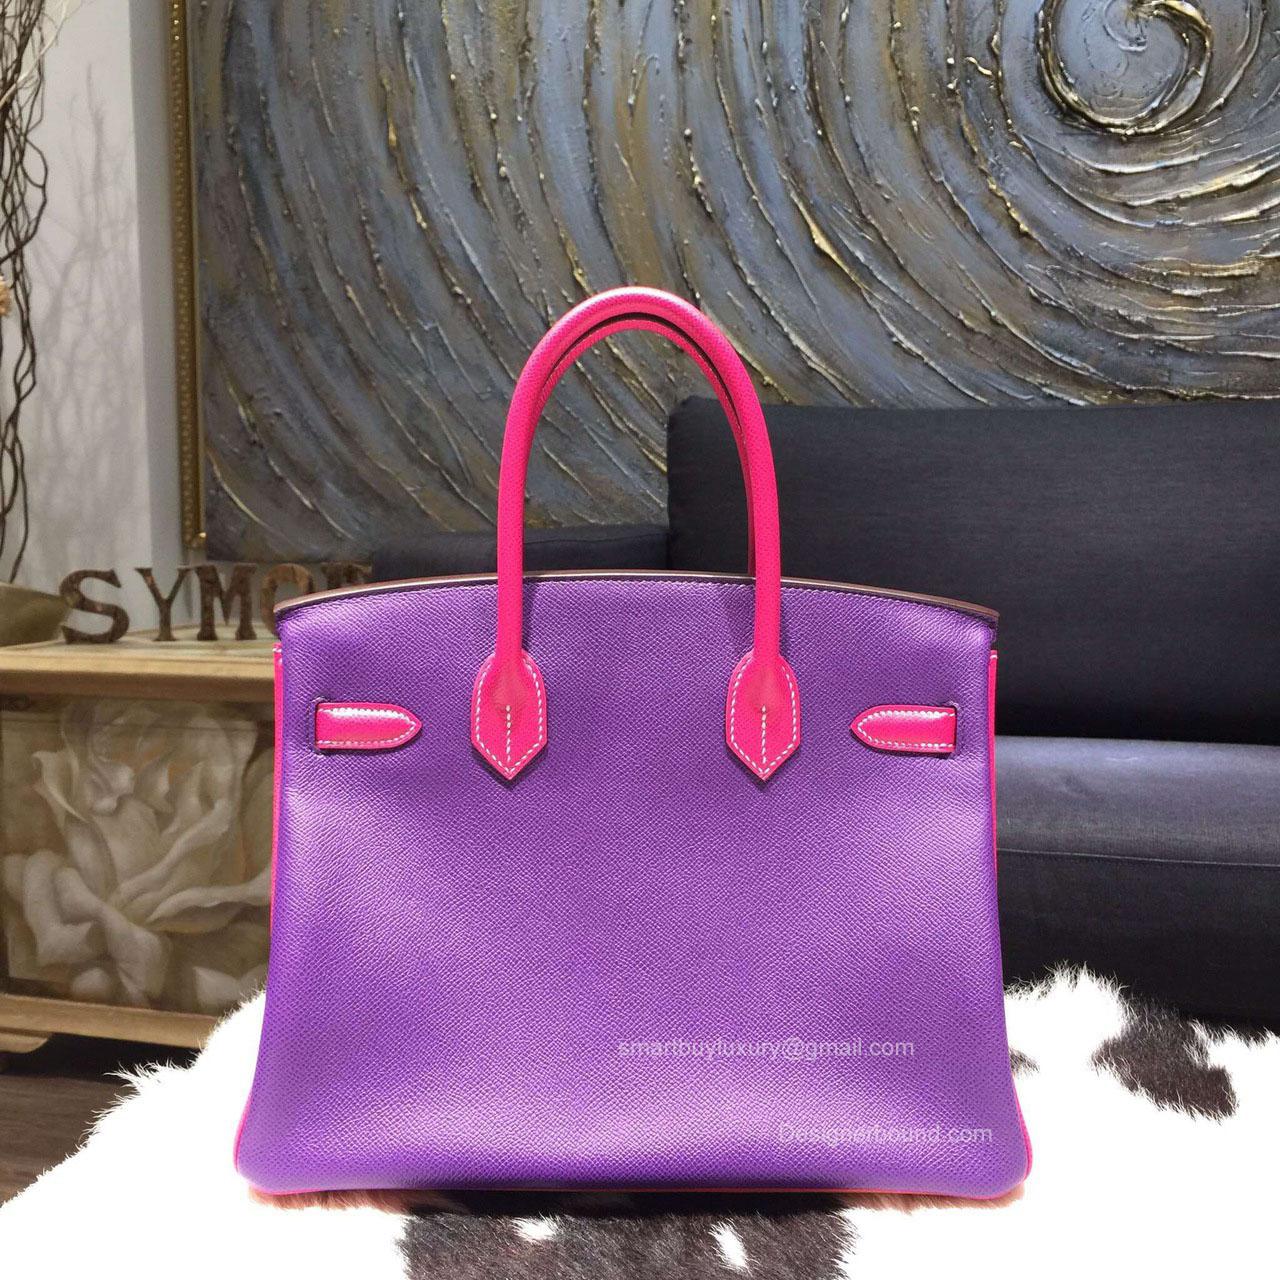 bac8c05408fb Hermes Birkin 30 Bag Tri-color Mango 9Z Epsom Leather Handstitched .